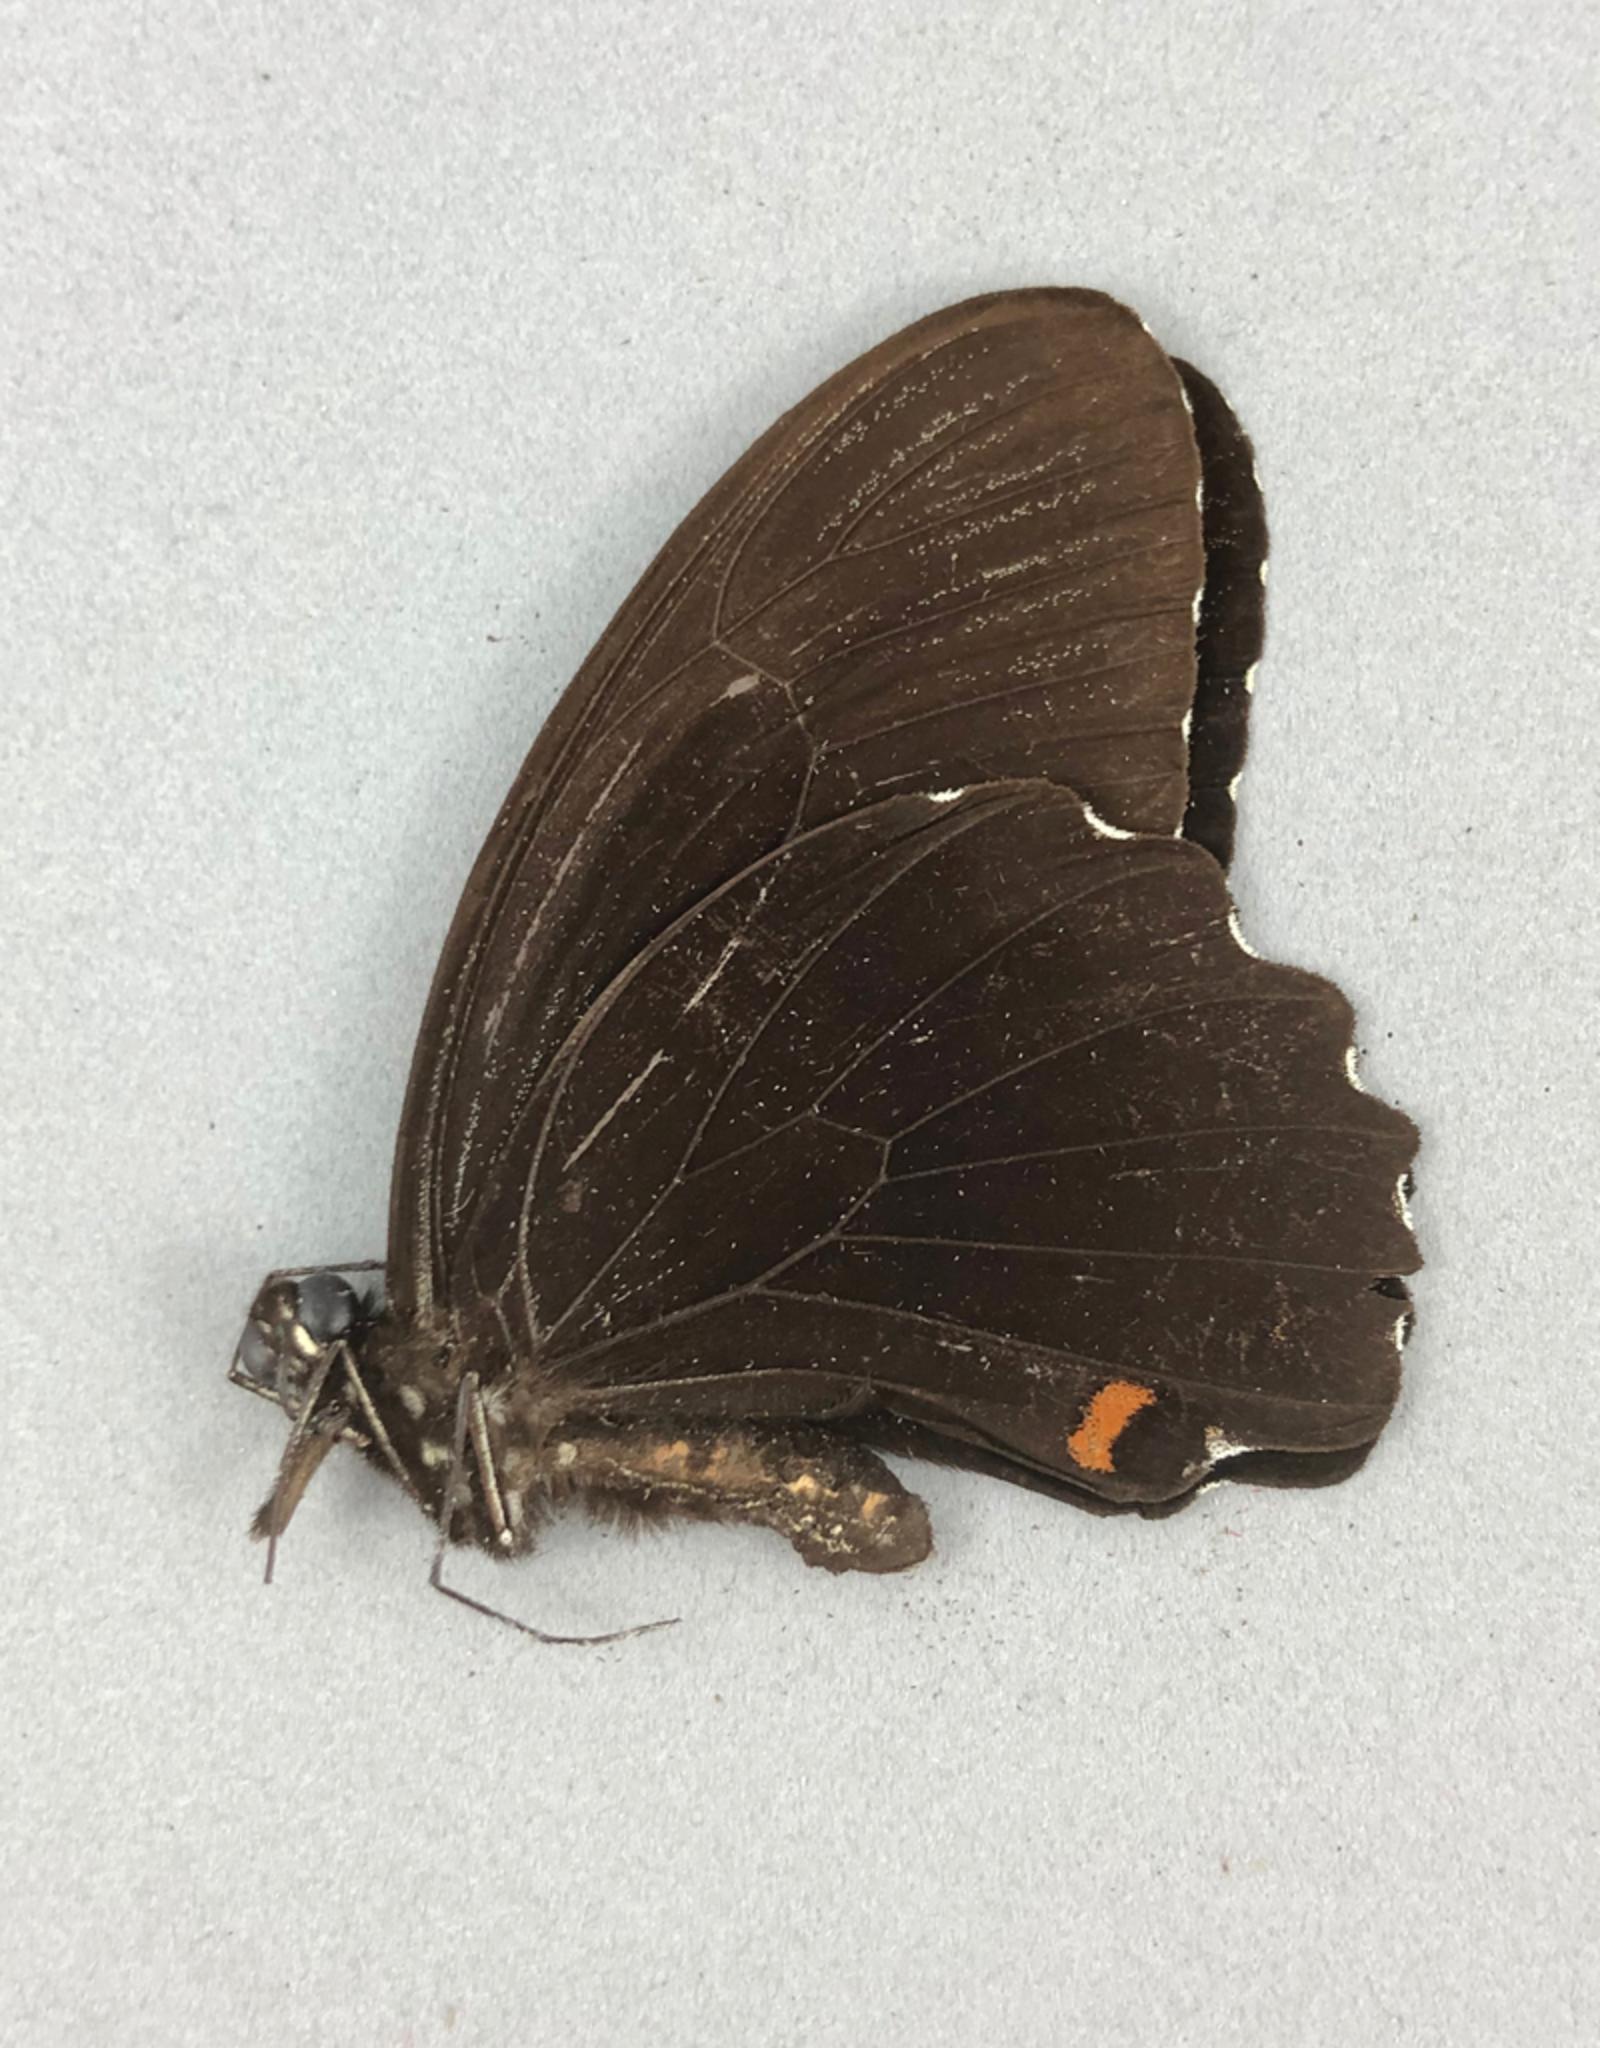 Papilio ambrax epirus M A1- Indonesia